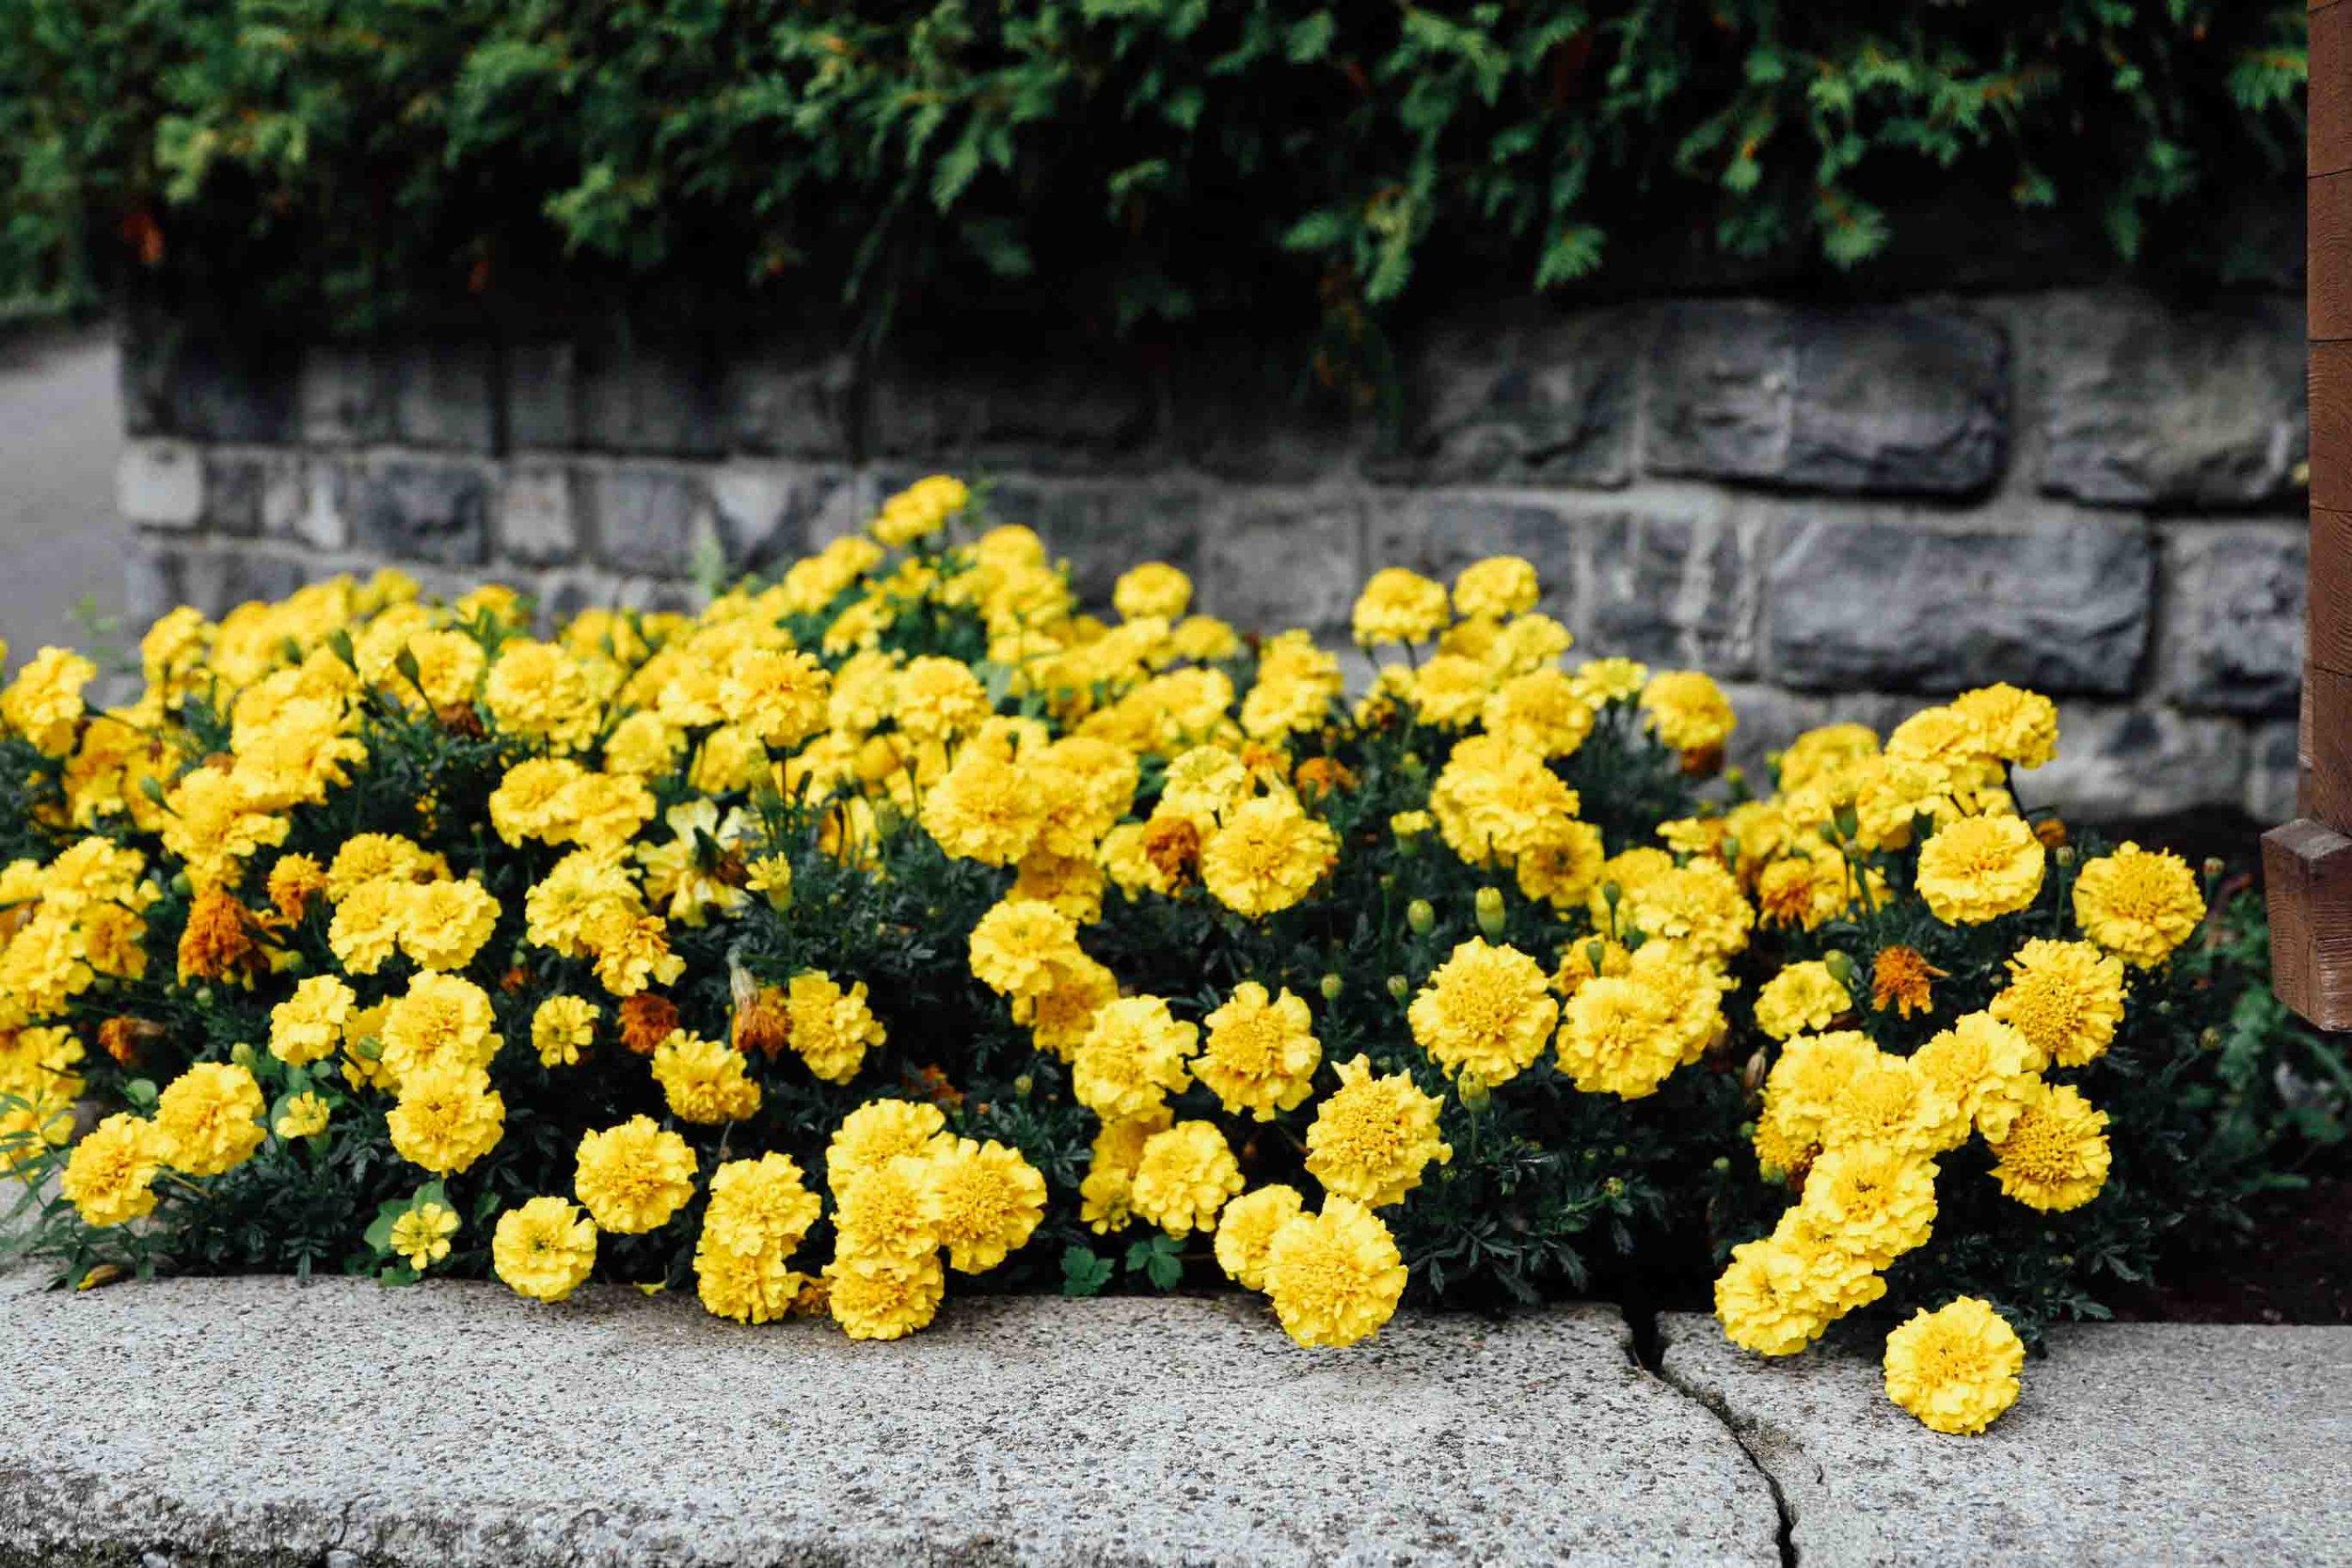 lauterbrunnen 0011.jpg